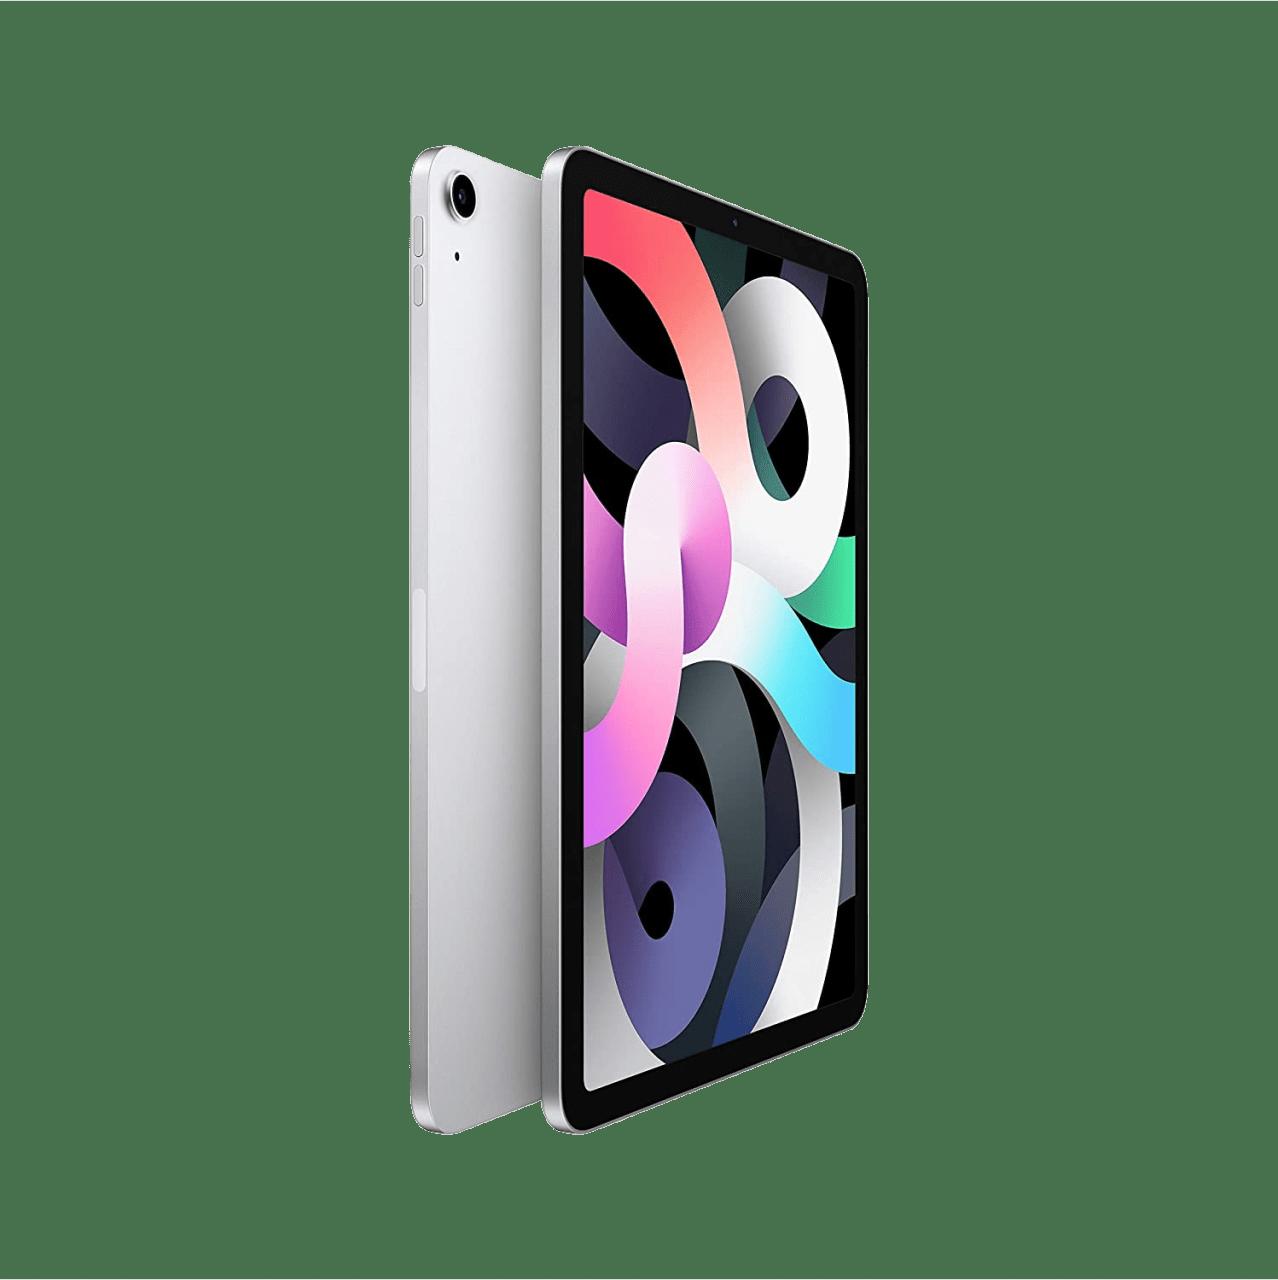 Silver Apple iPad Air WiFi 256GB (2020).2